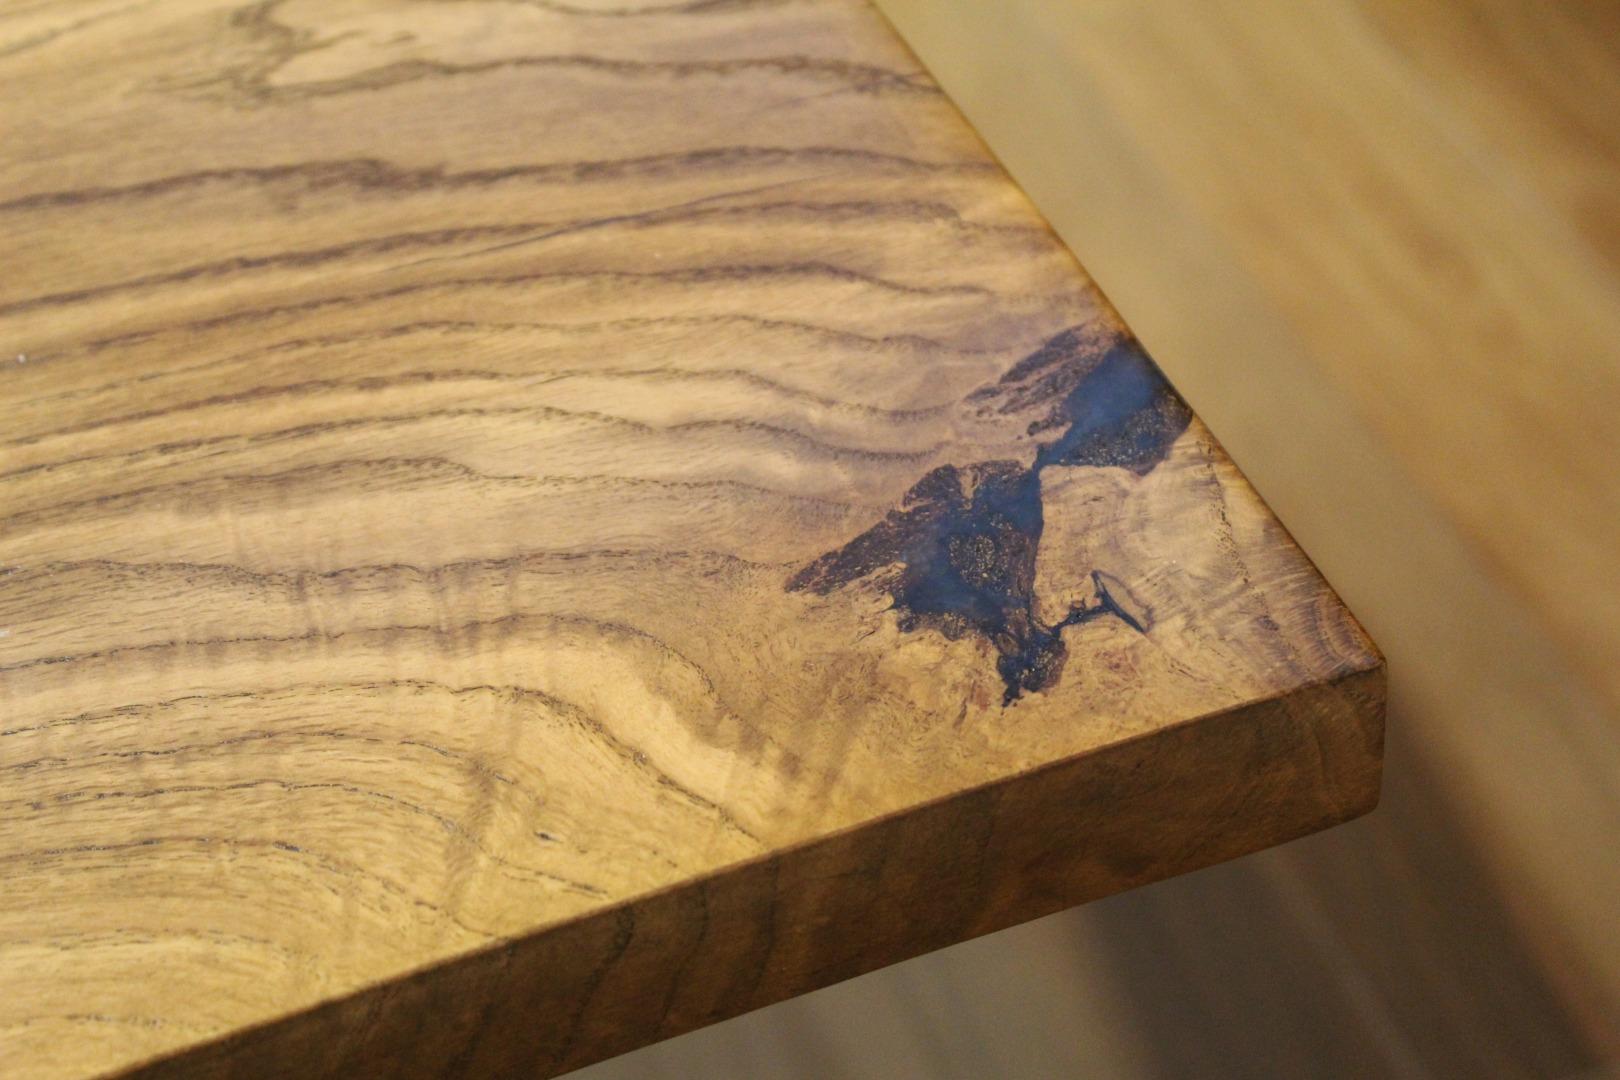 Dębowy stół rzeka  #6